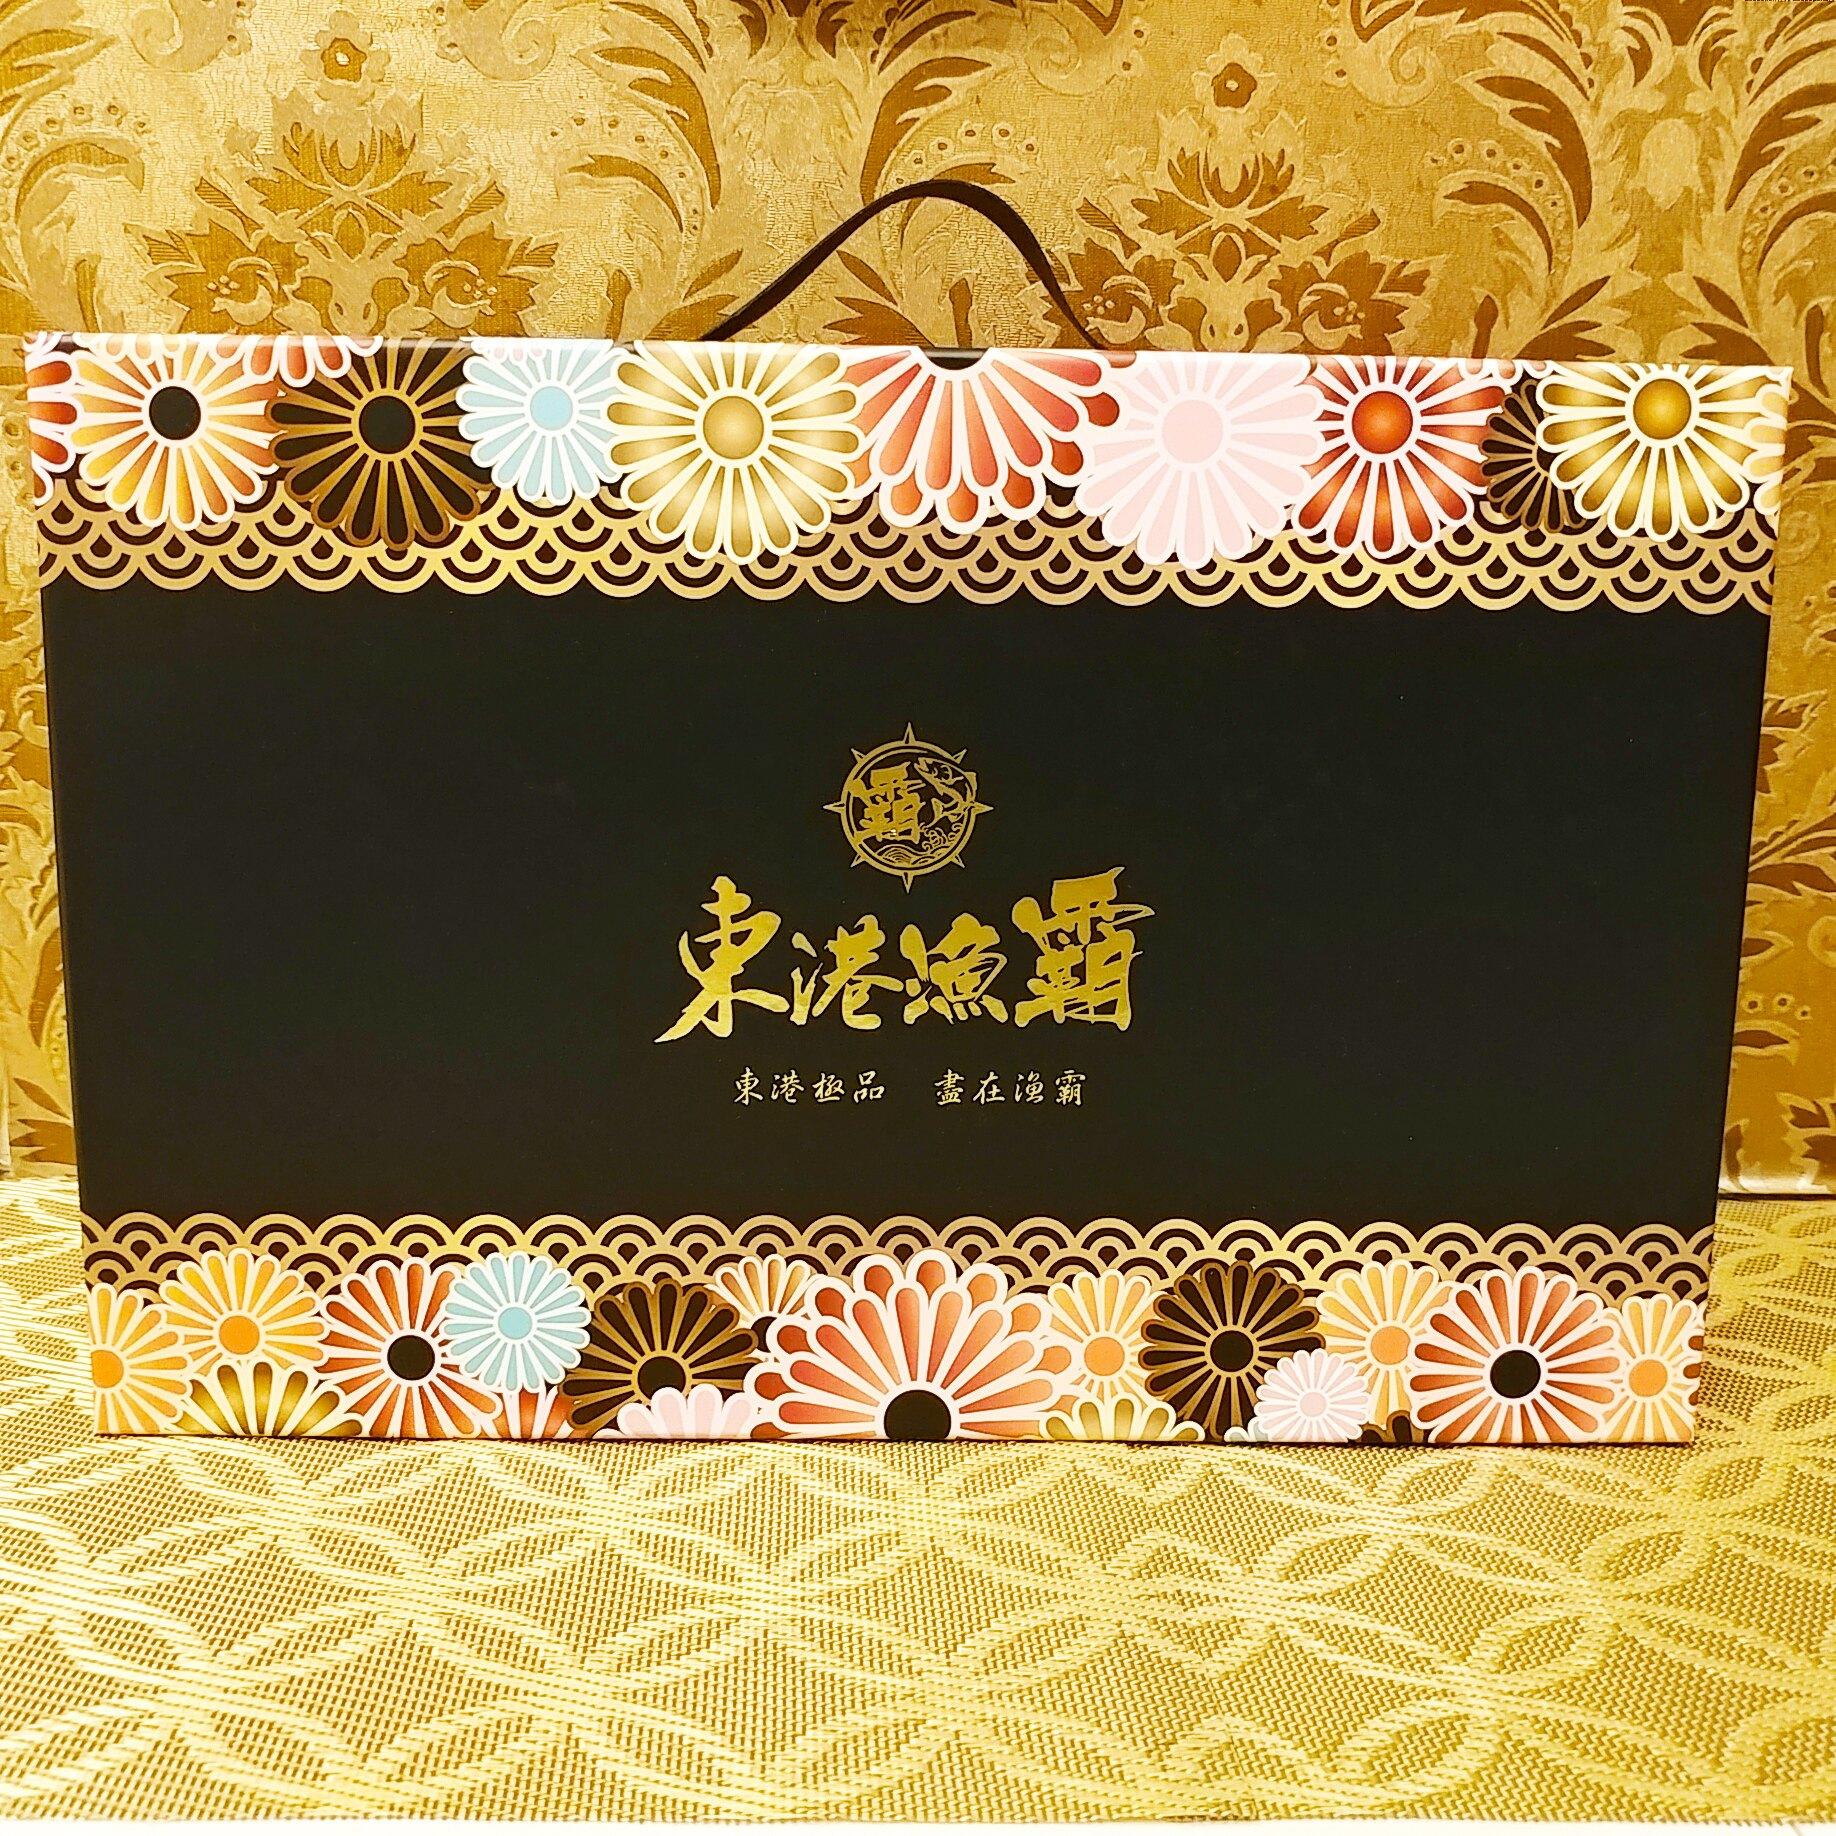 【東港漁霸】繁星馥郁禮盒 --- 兩包旗魚鬆及一包休閒食品(如魷魚絲) + 禮盒